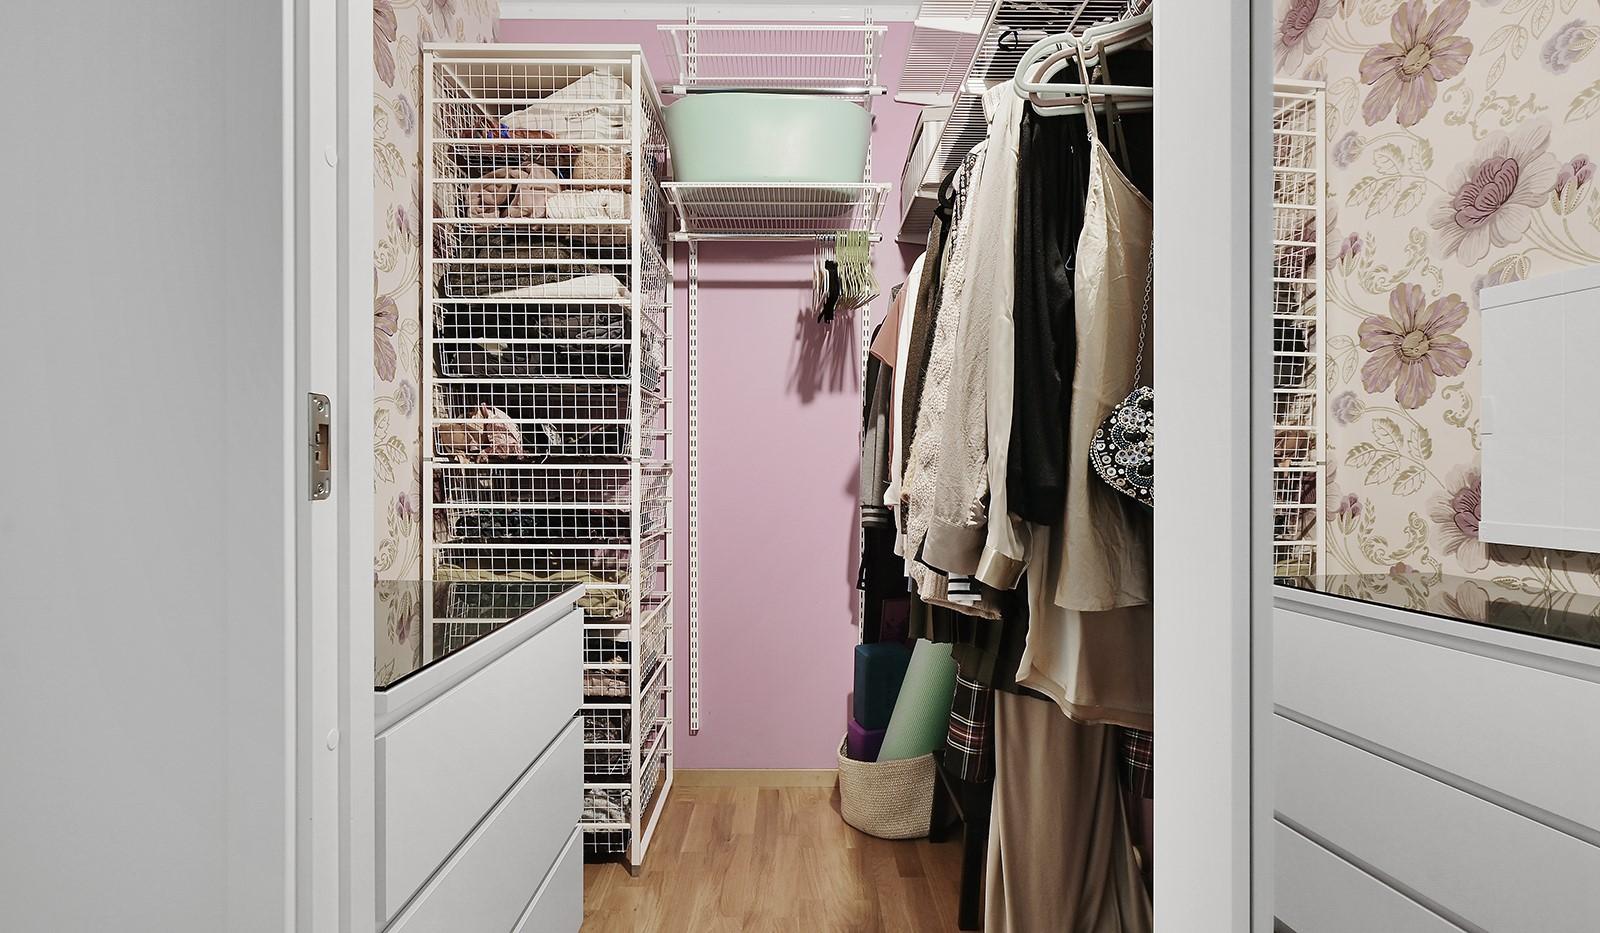 Marieviksgatan 38, 6 tr - I lägenheten finns en rymlig klädkammare